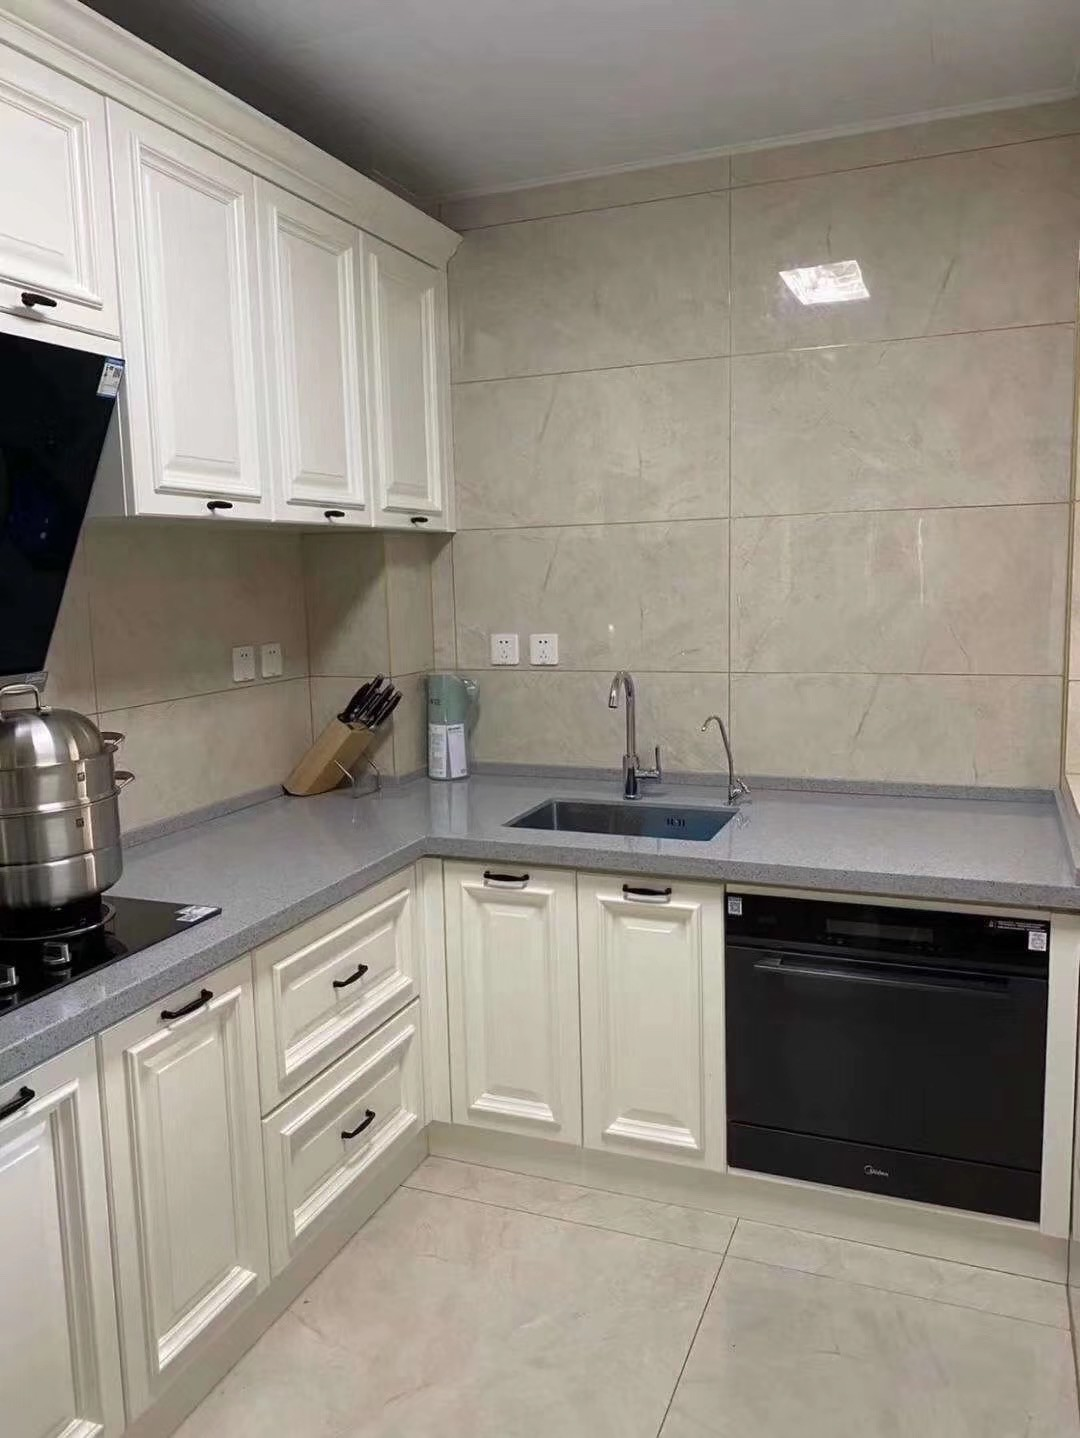 2020美式廚房裝修圖 2020美式灶臺裝修圖片